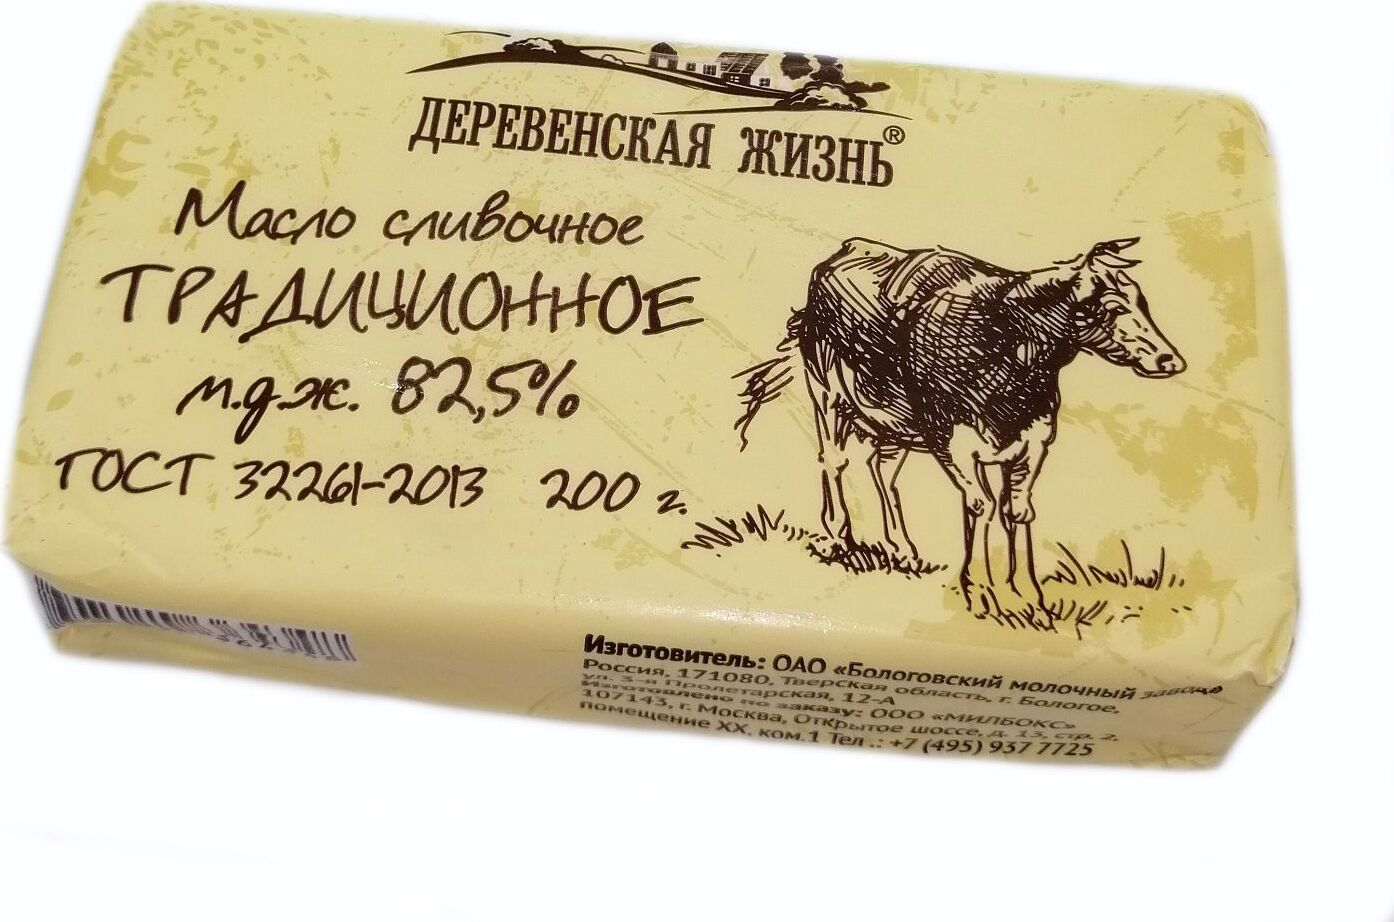 Масло сливочное Деревенская Жизнь Традиционное, 82,5%, 200 г